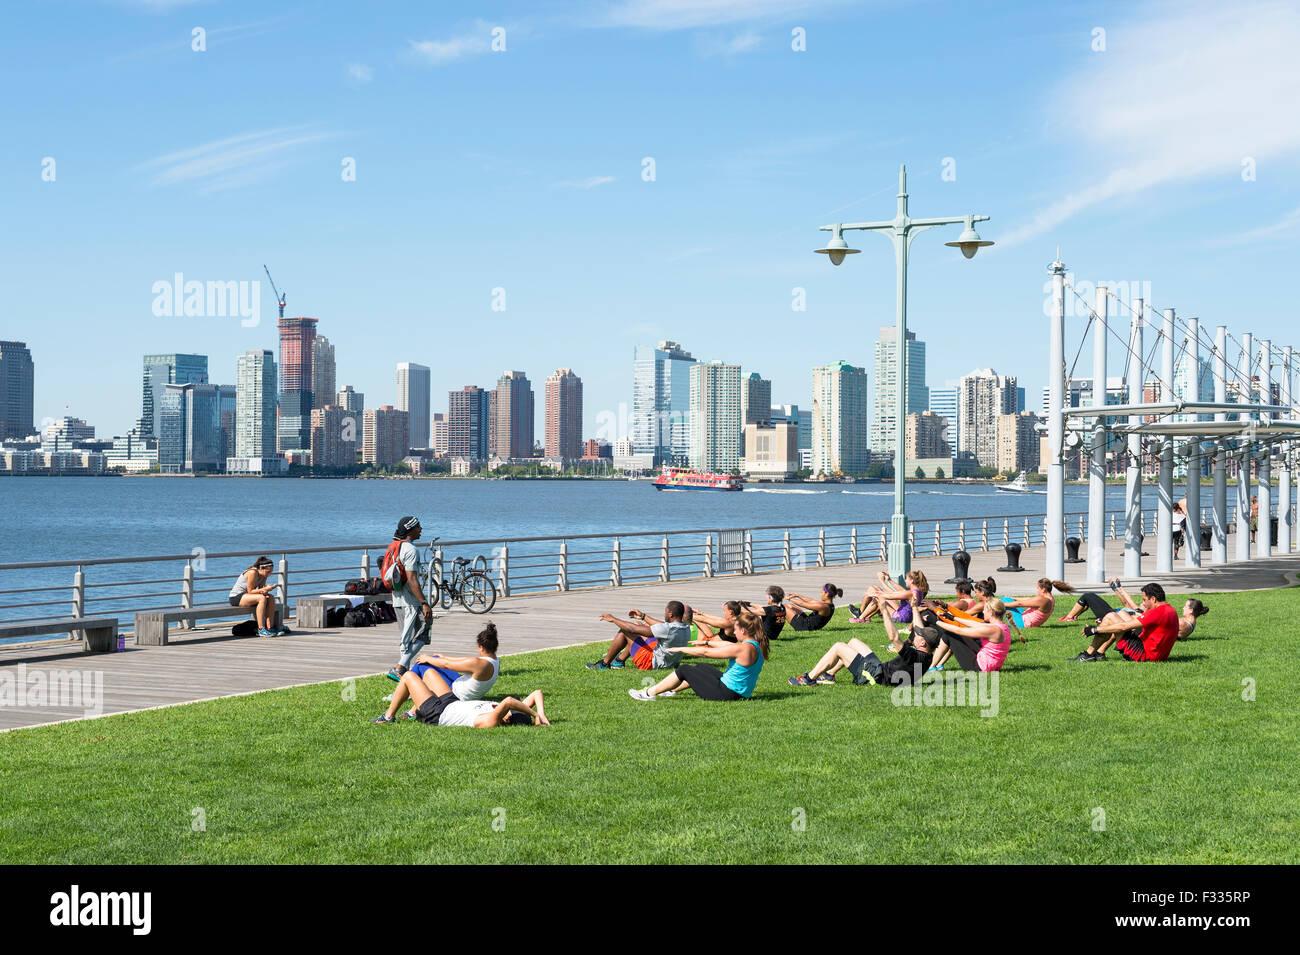 La città di NEW YORK, Stati Uniti d'America - 29 agosto 2015: Personal trainer gruppo derivazioni boot Immagini Stock